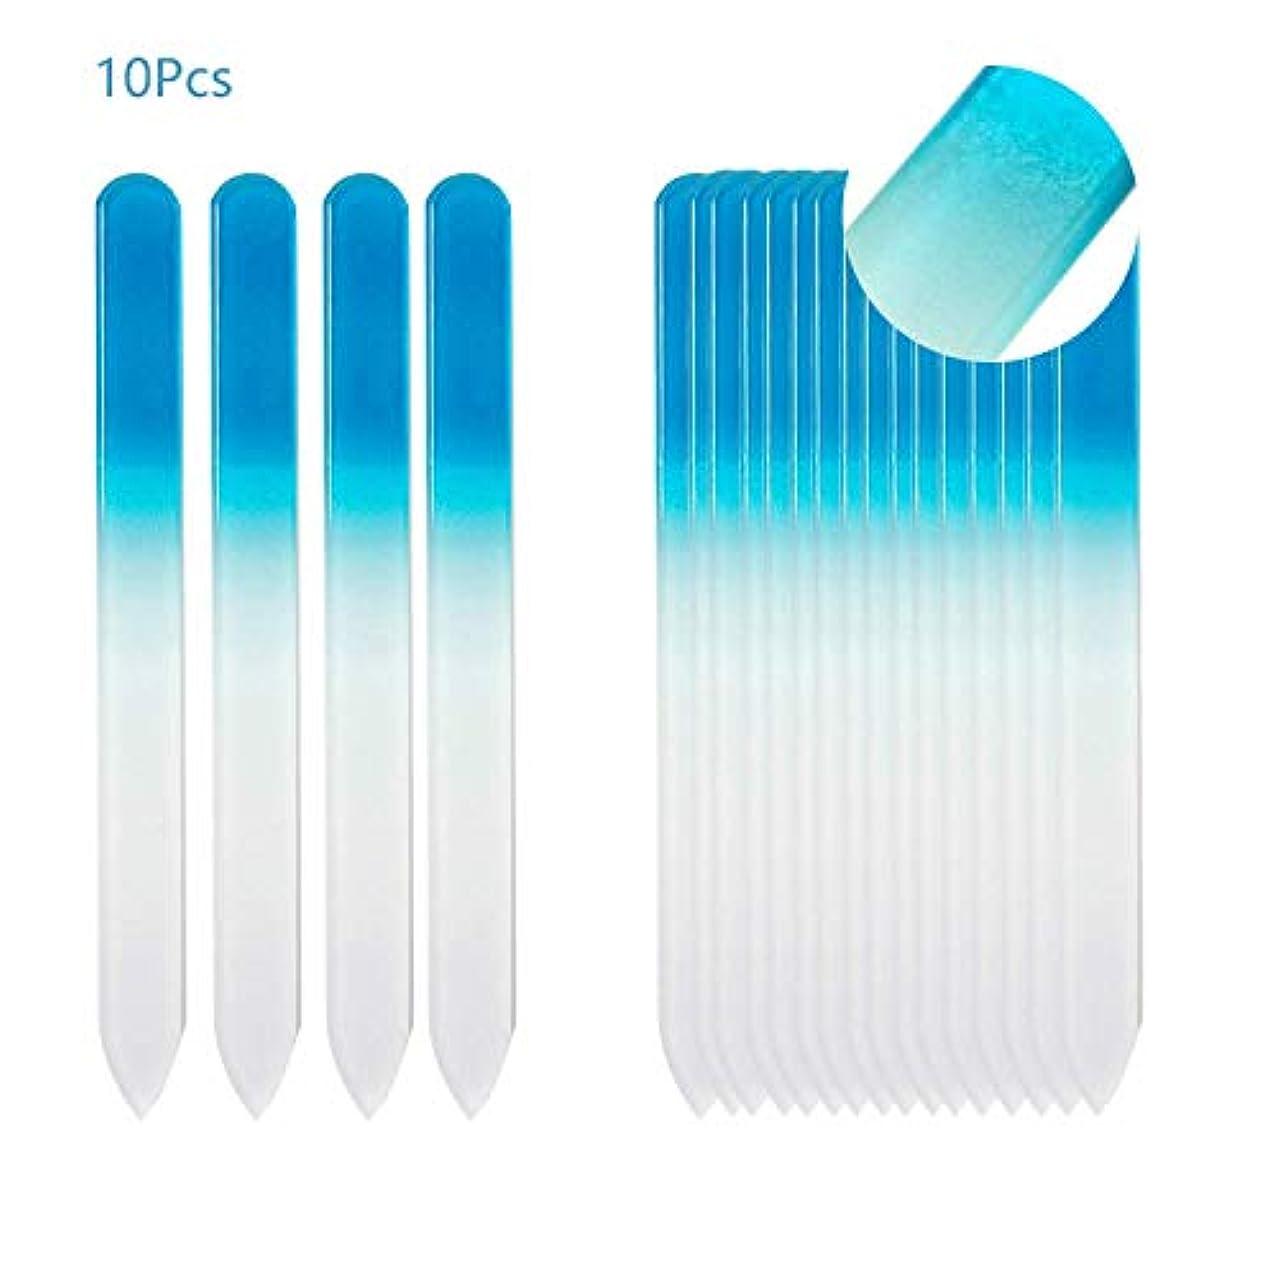 アレキサンダーグラハムベル公平な投資する爪やすり ガラスファイル グラスファイル 何度でも再利用 ネイル用品 ジェルネイル